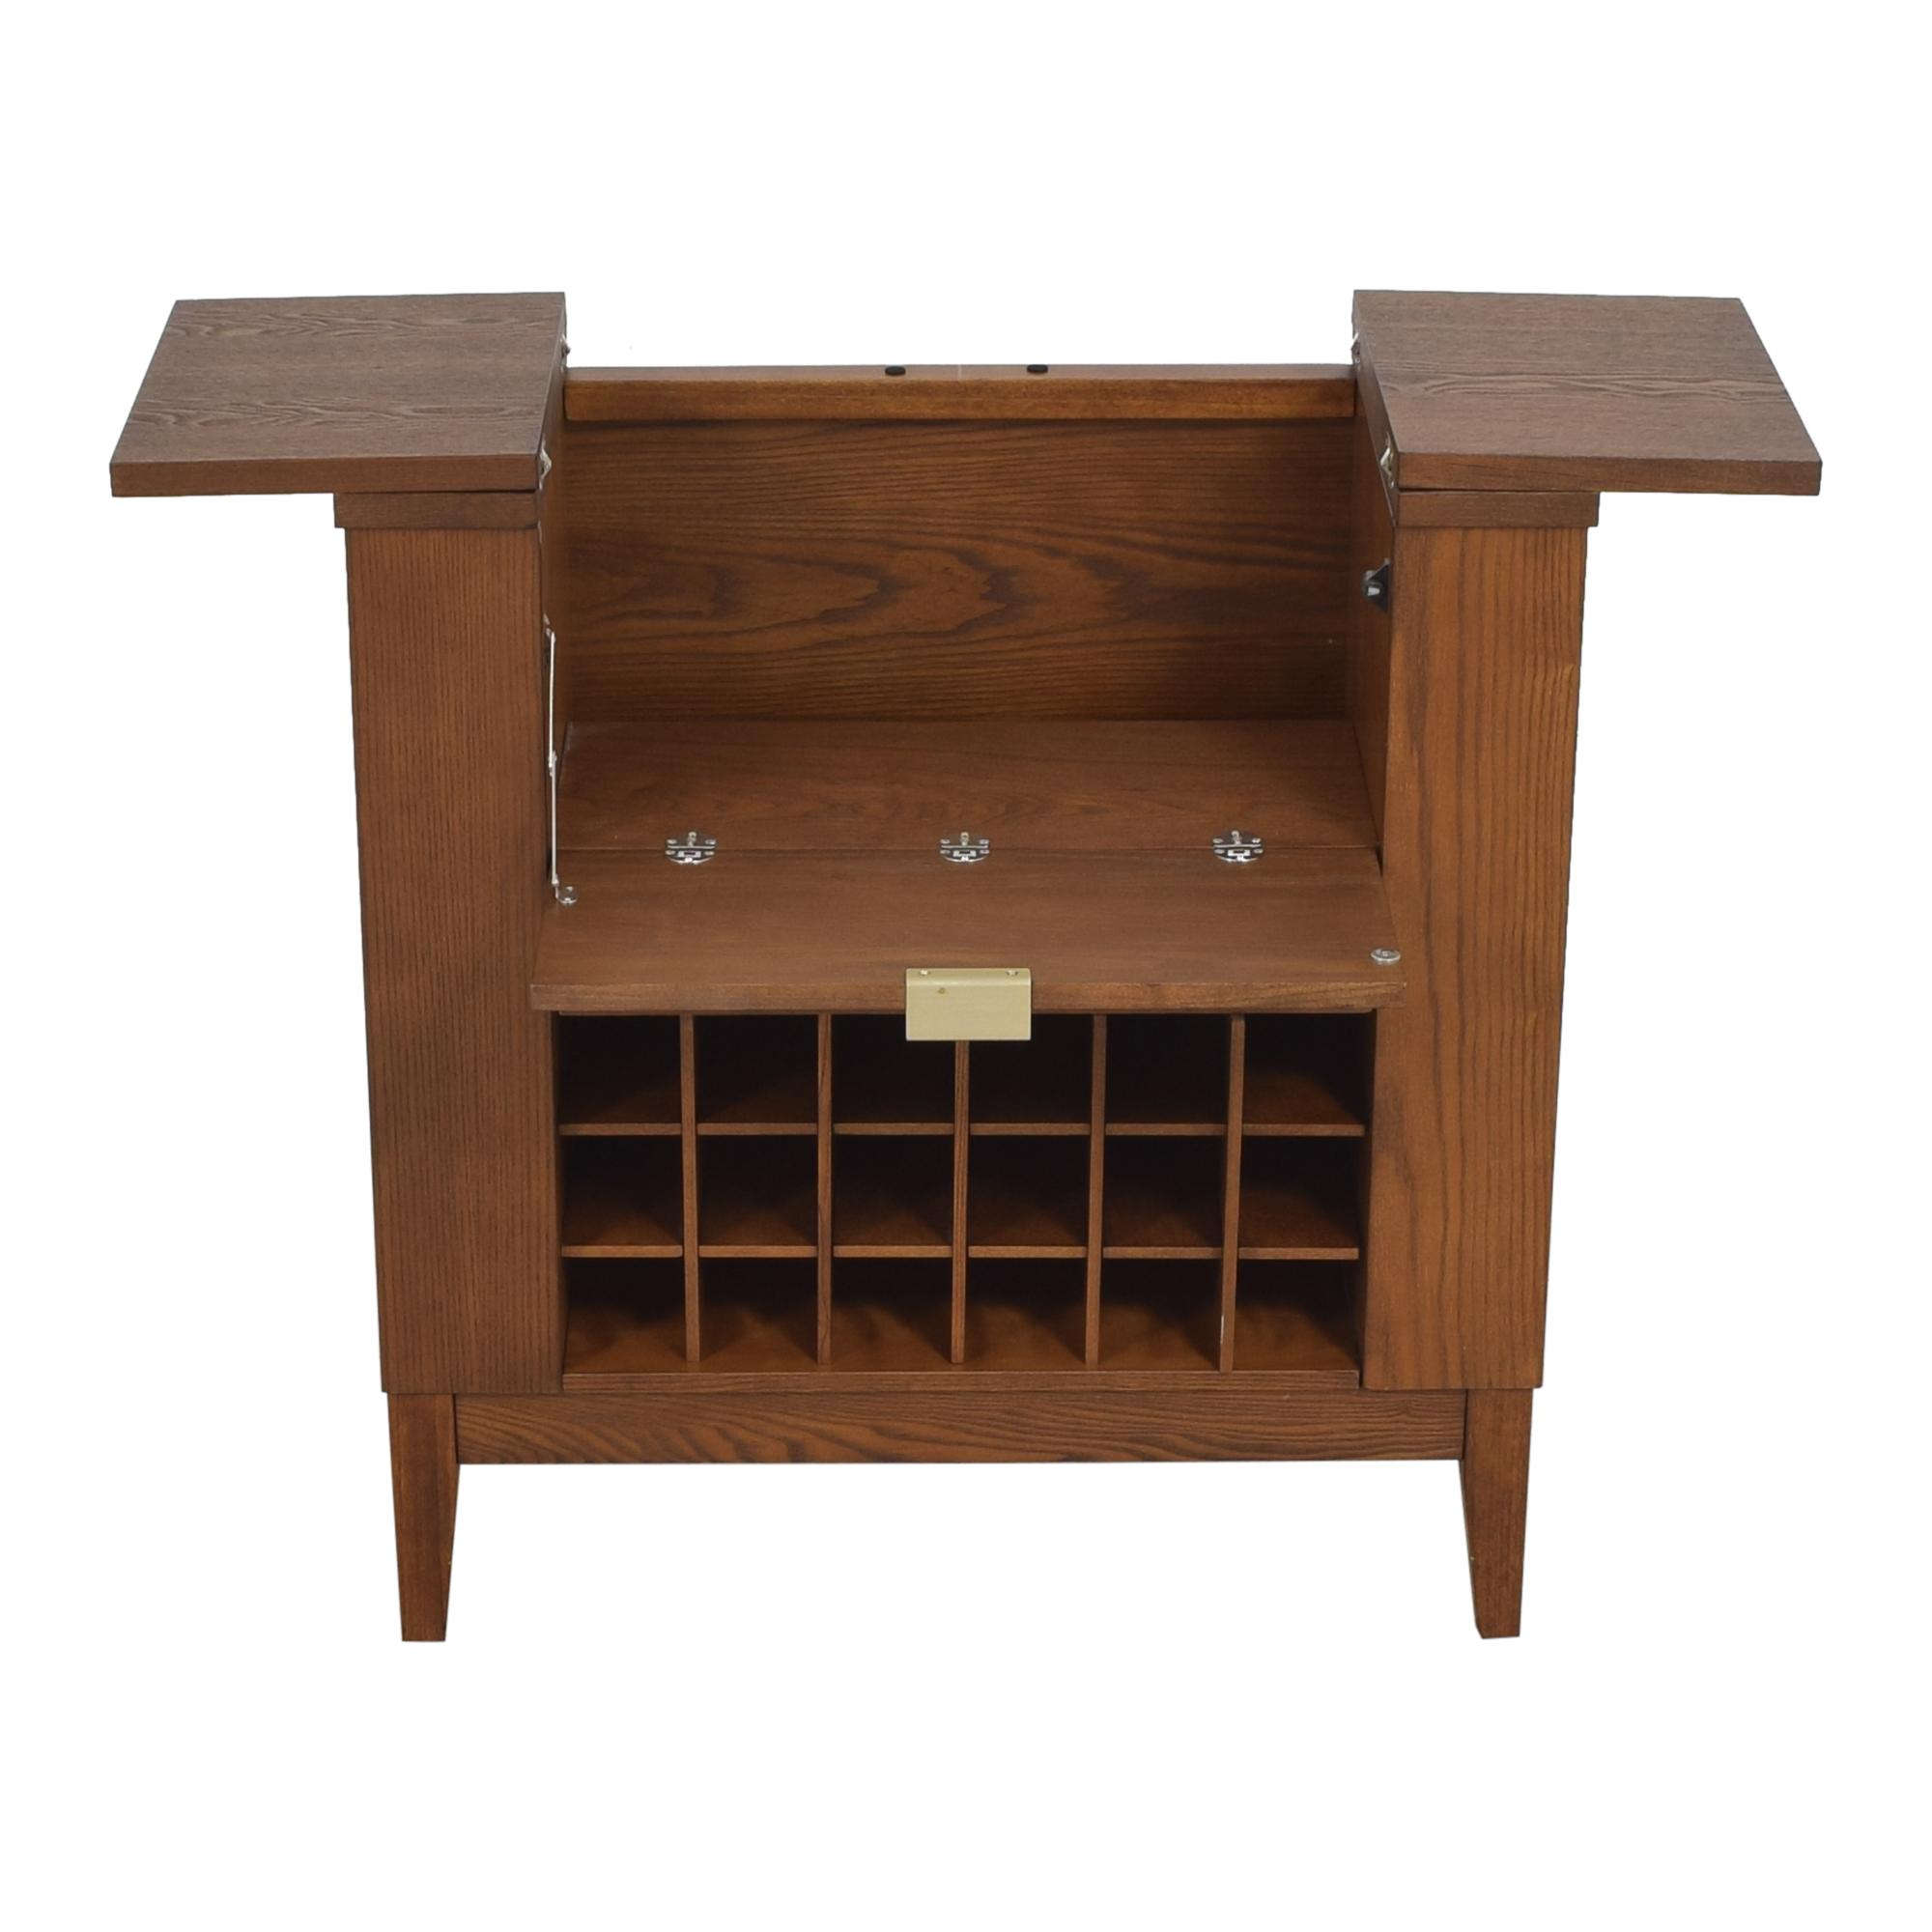 Crate & Barrel Crate & Barrel Parker Spirits Bourbon Cabinet used